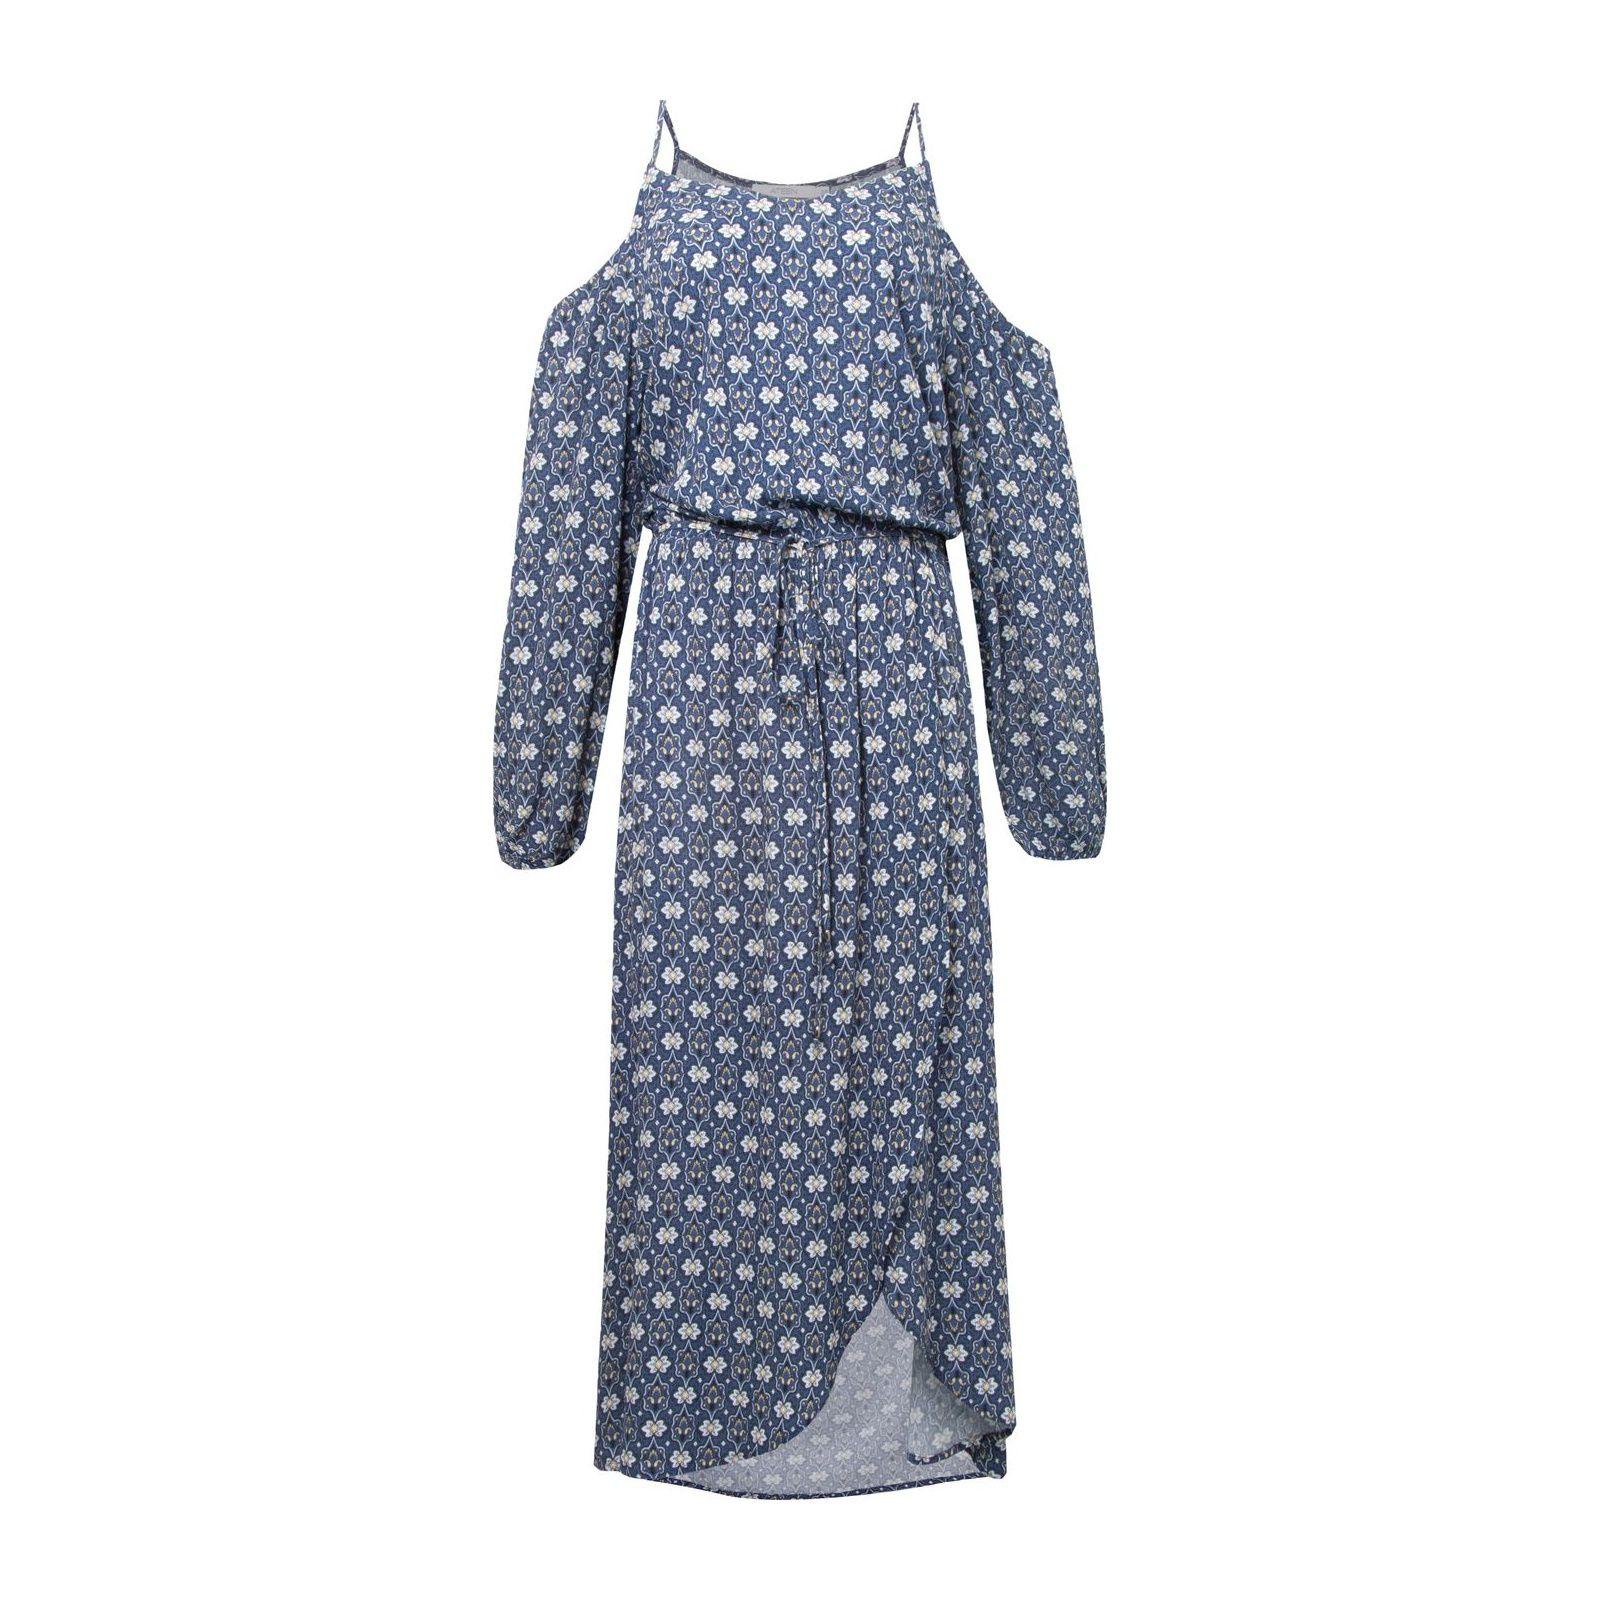 Vestido Mídi Charming Boho - Azul